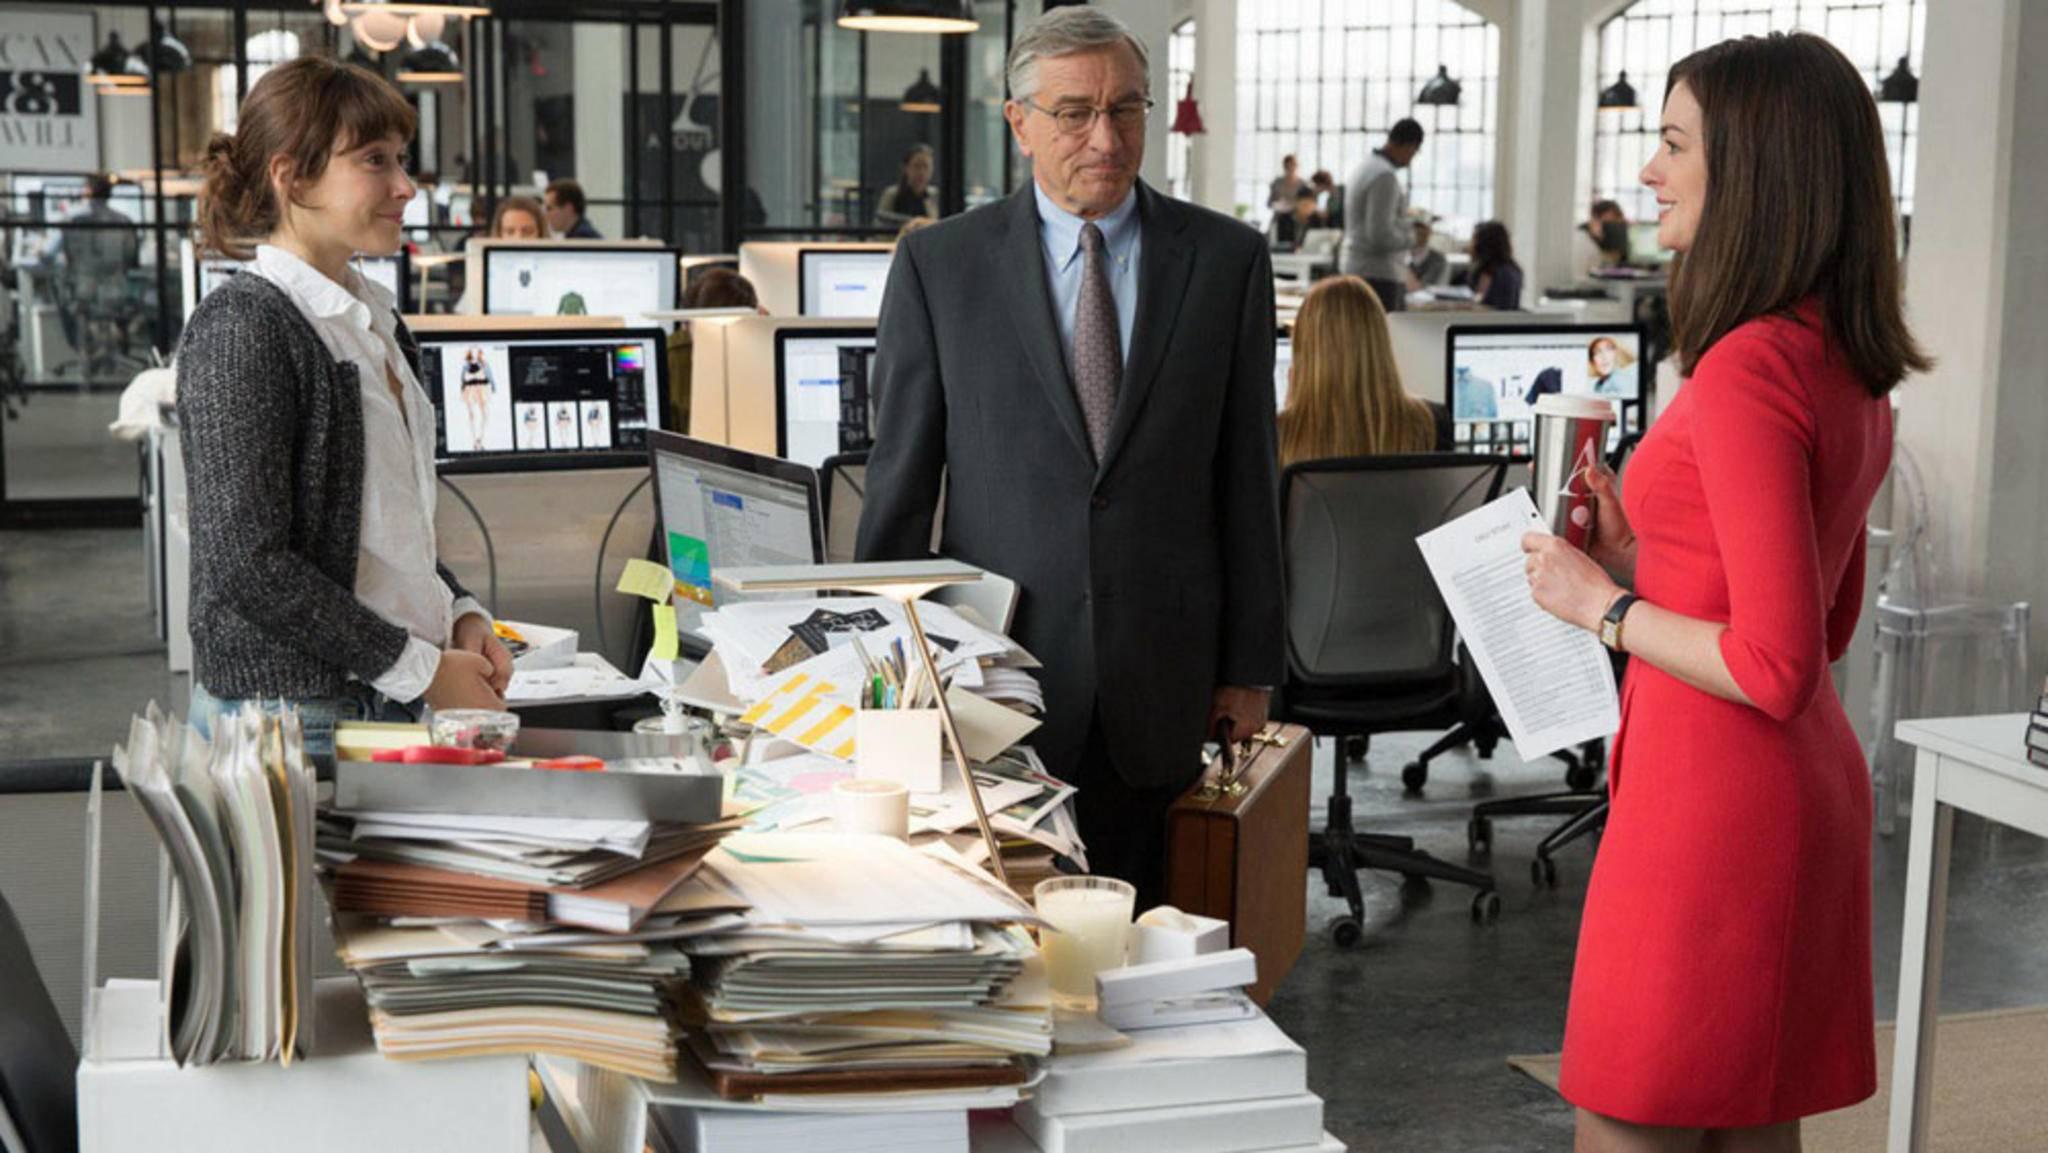 """Filme wie """"Man lernt nie aus"""" setzen den alltäglichen Wahnsinn im Büro und auf der Arbeit humorvoll in Szene."""